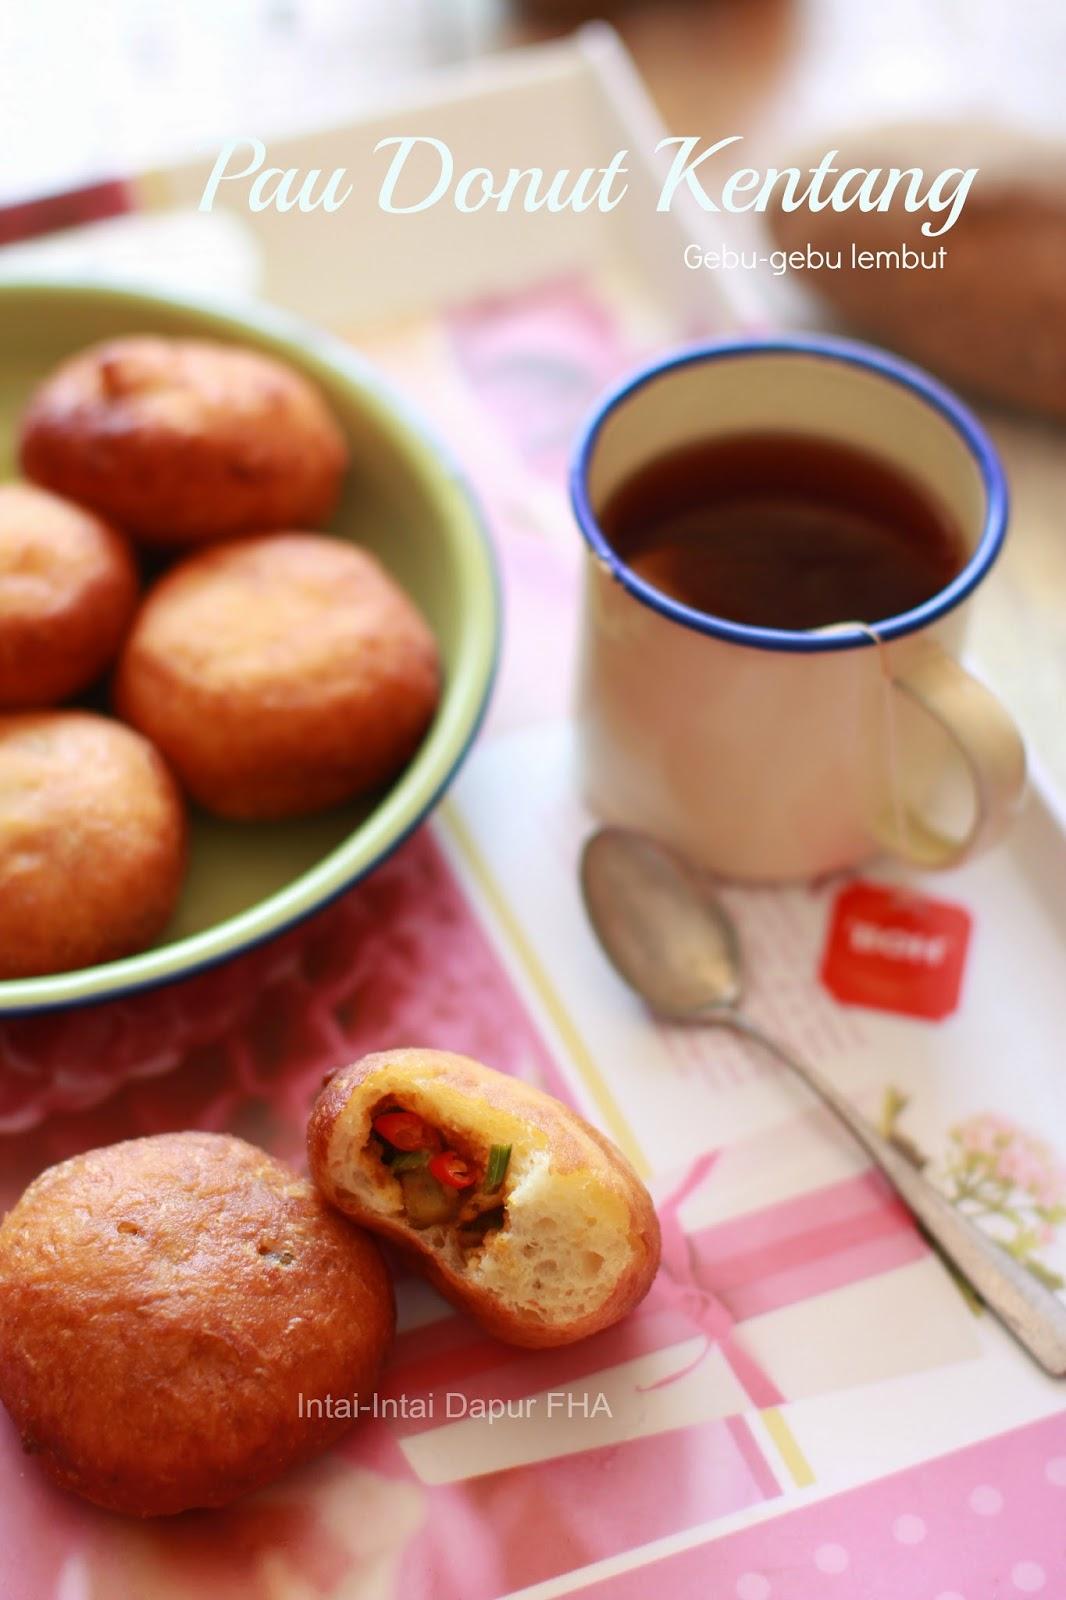 PAU DONUT KENTANG Inti Daging - FHA Selemak Santan